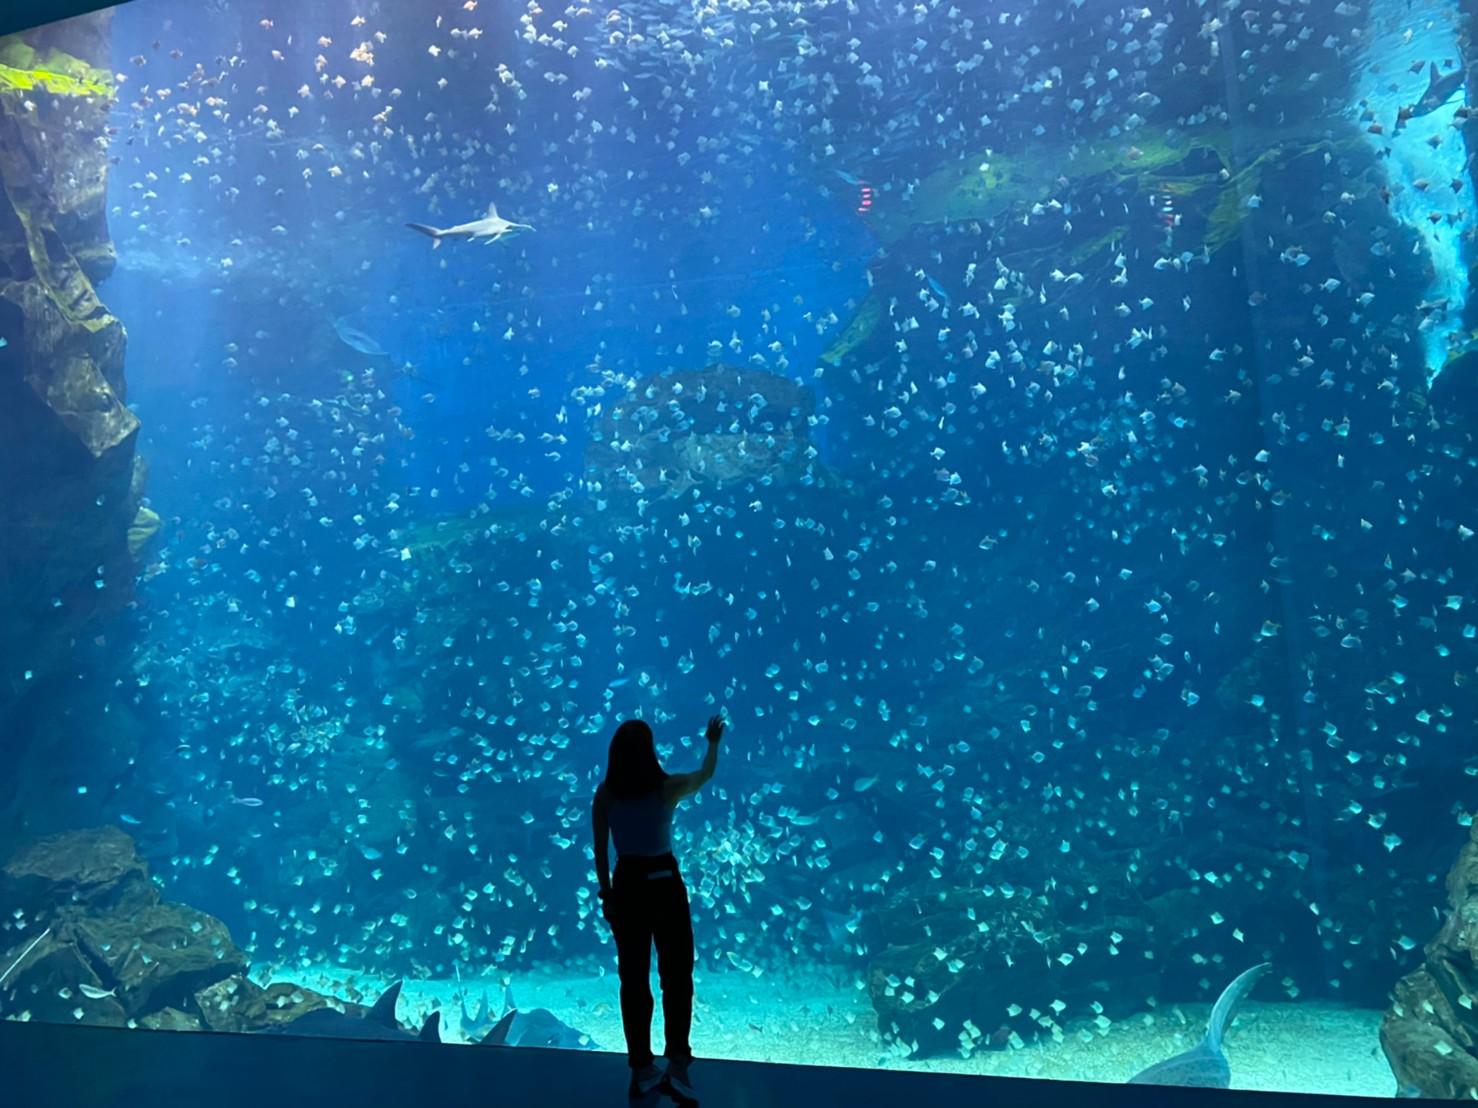 桃園水族館Xpark 和逸飯店桃園館 桃園青埔 Xpark 都會型水生公園門票